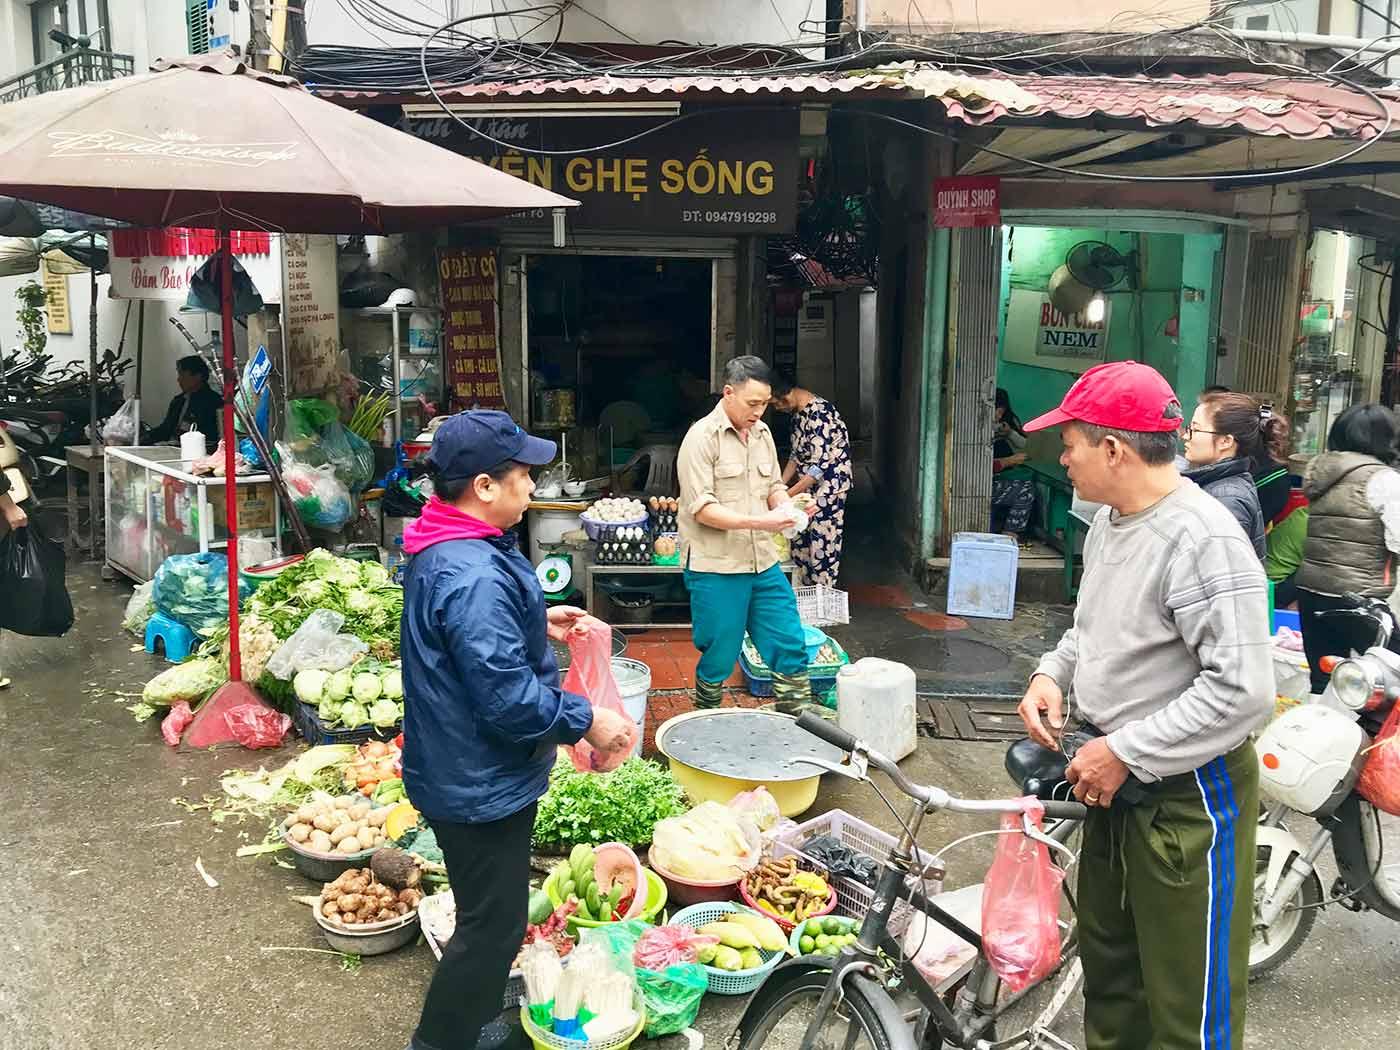 Reisebericht und Reisetipps Hanoi, Vietnam